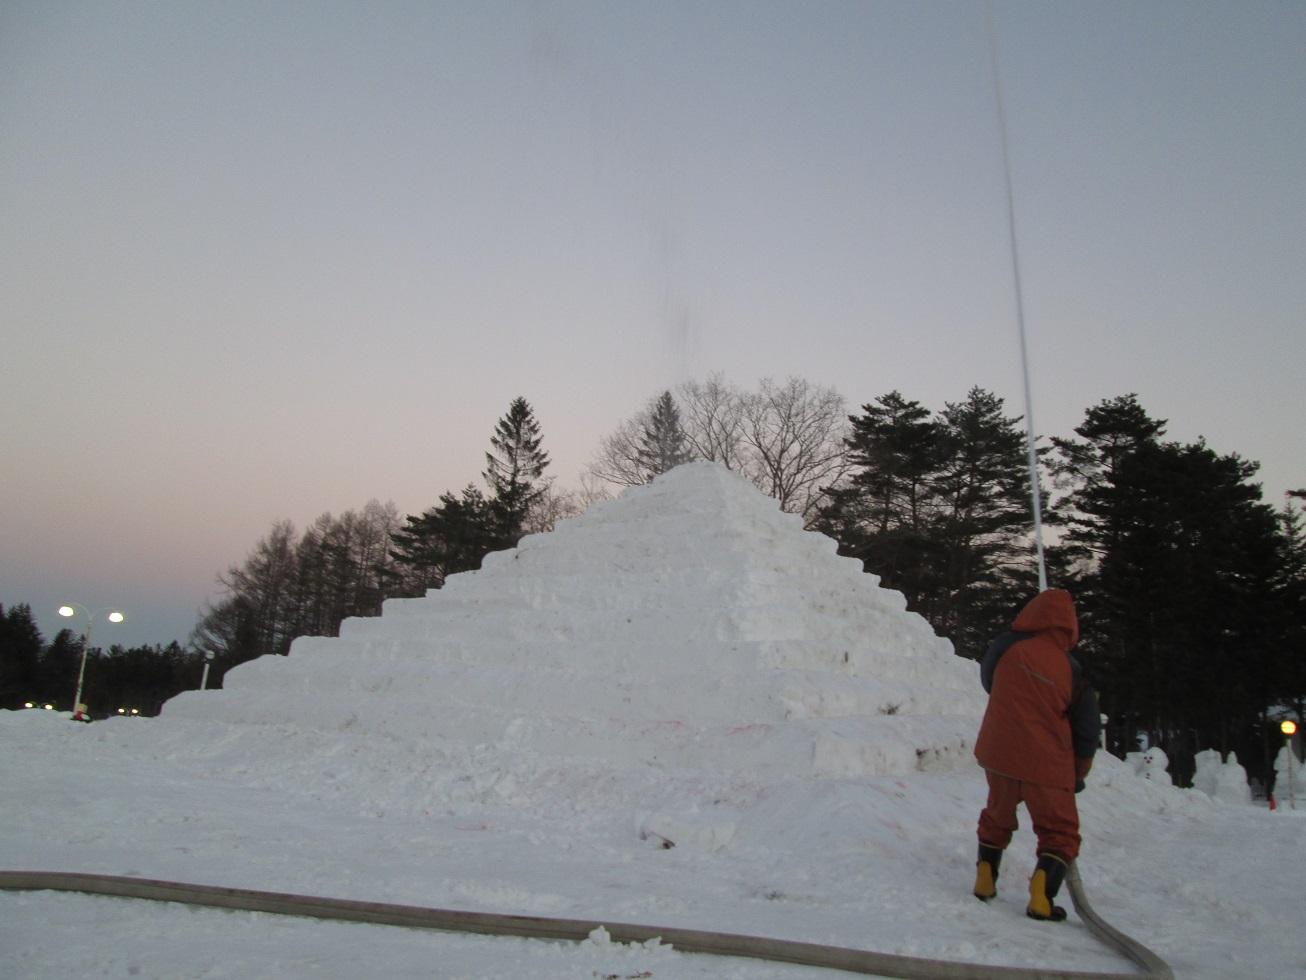 嬬恋・浅間高原ウインターフェスティバル開催前日_f0180878_20353143.jpg